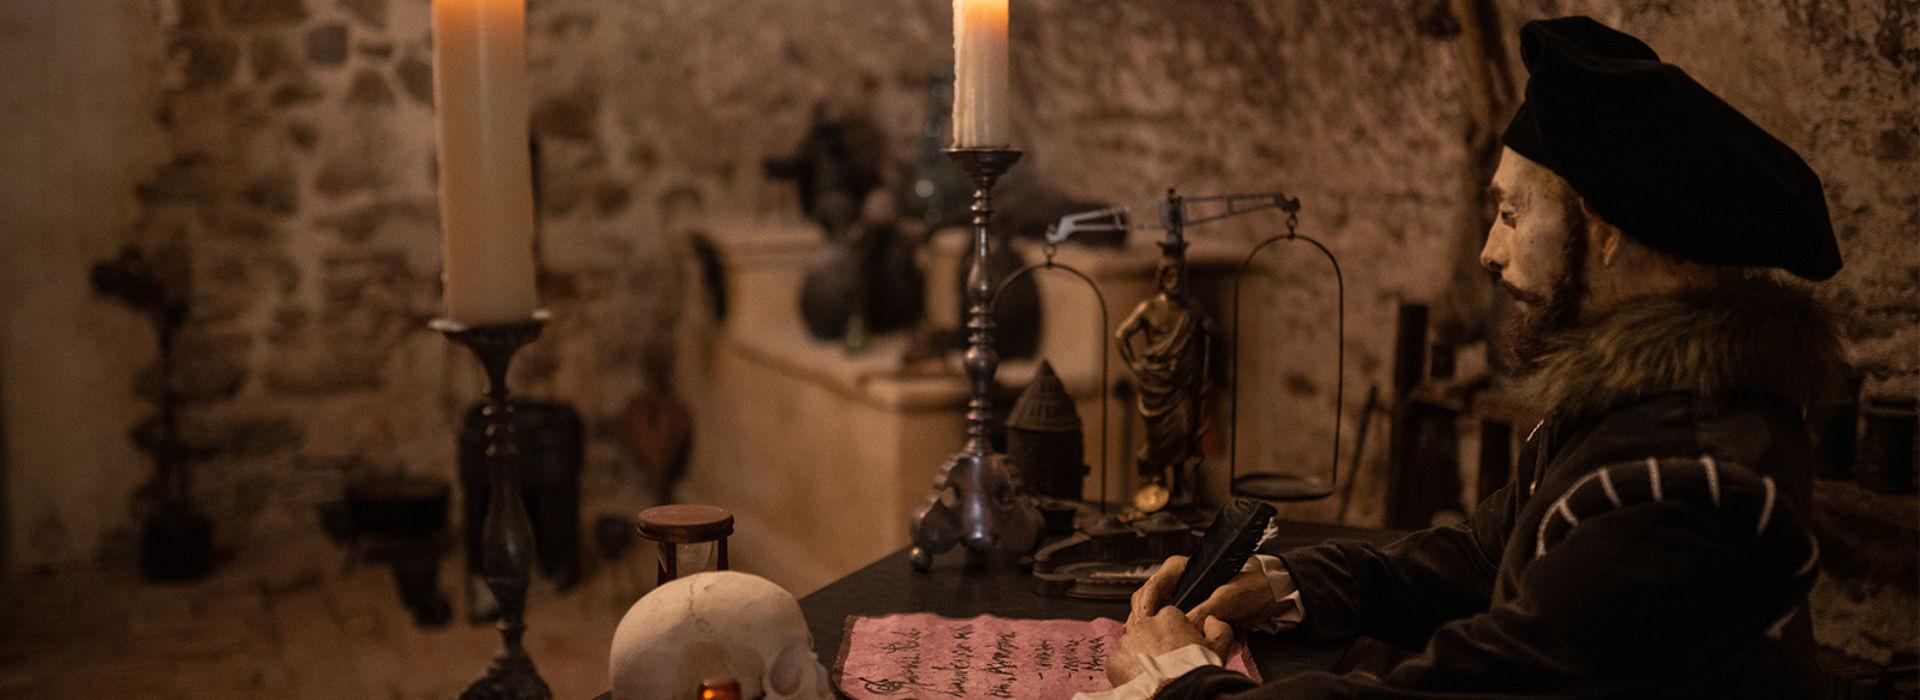 Středověká mučírna a alchymistická laboratoř